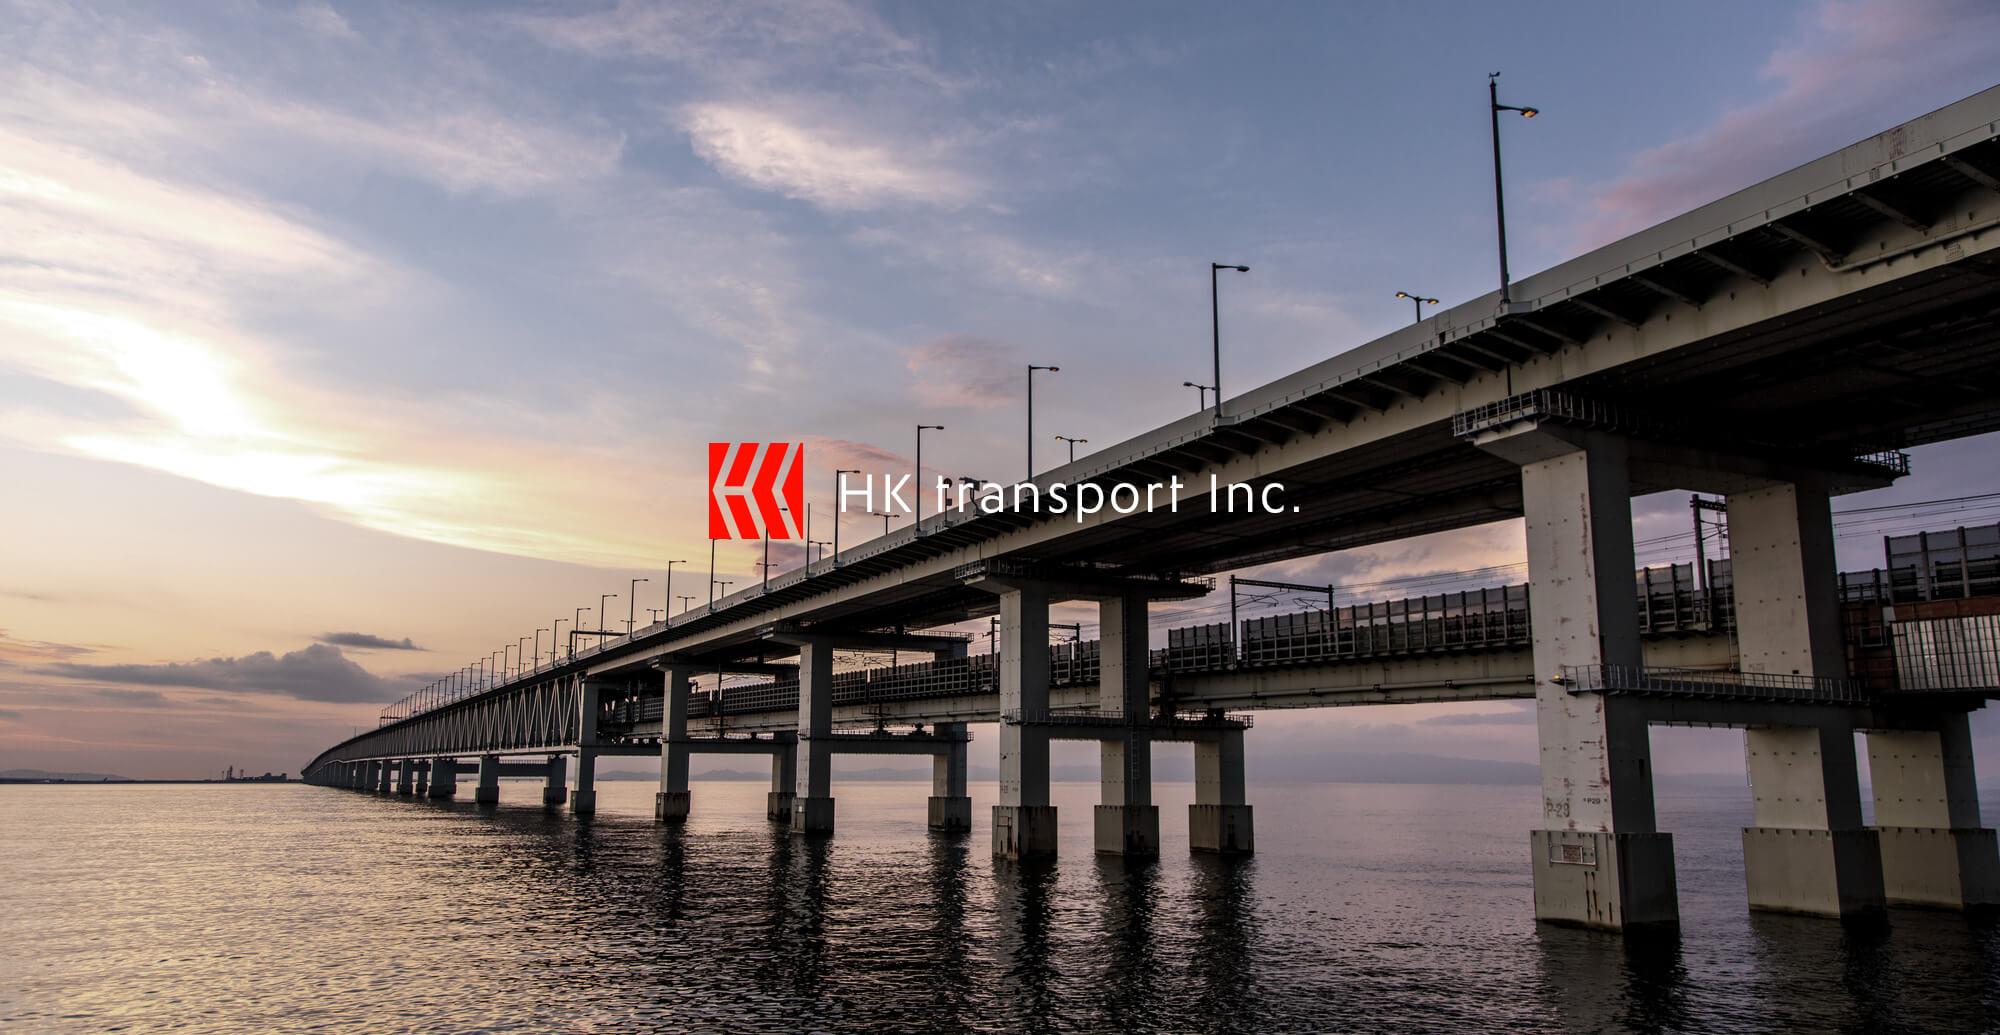 HKトランスポート株式会社